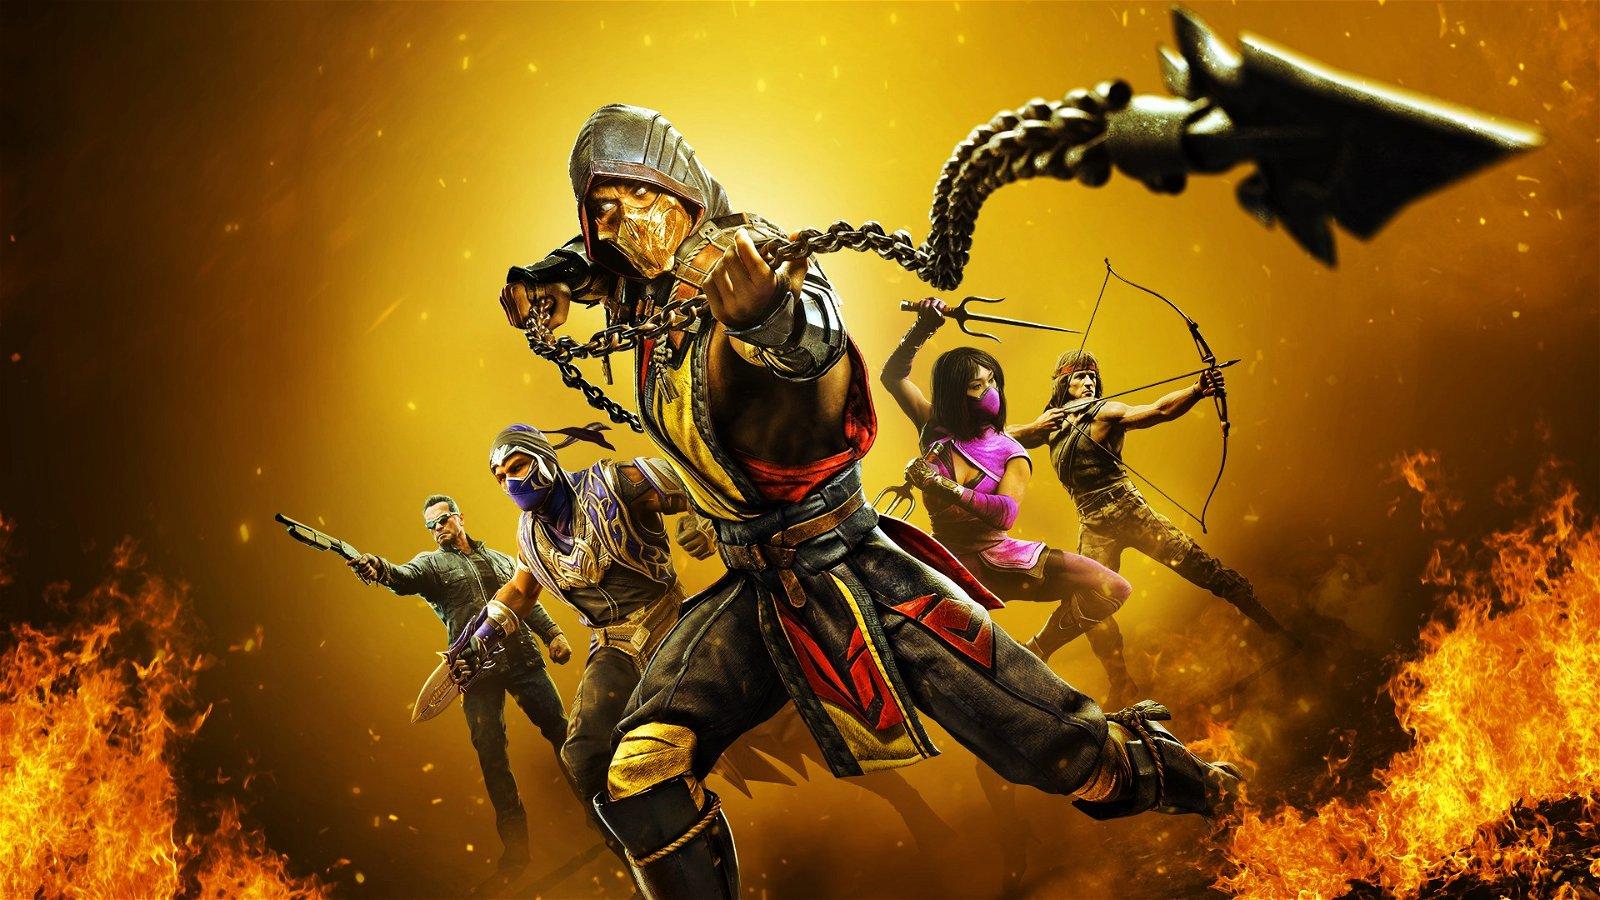 Mortal Kombat 11 Ultimate Review 2